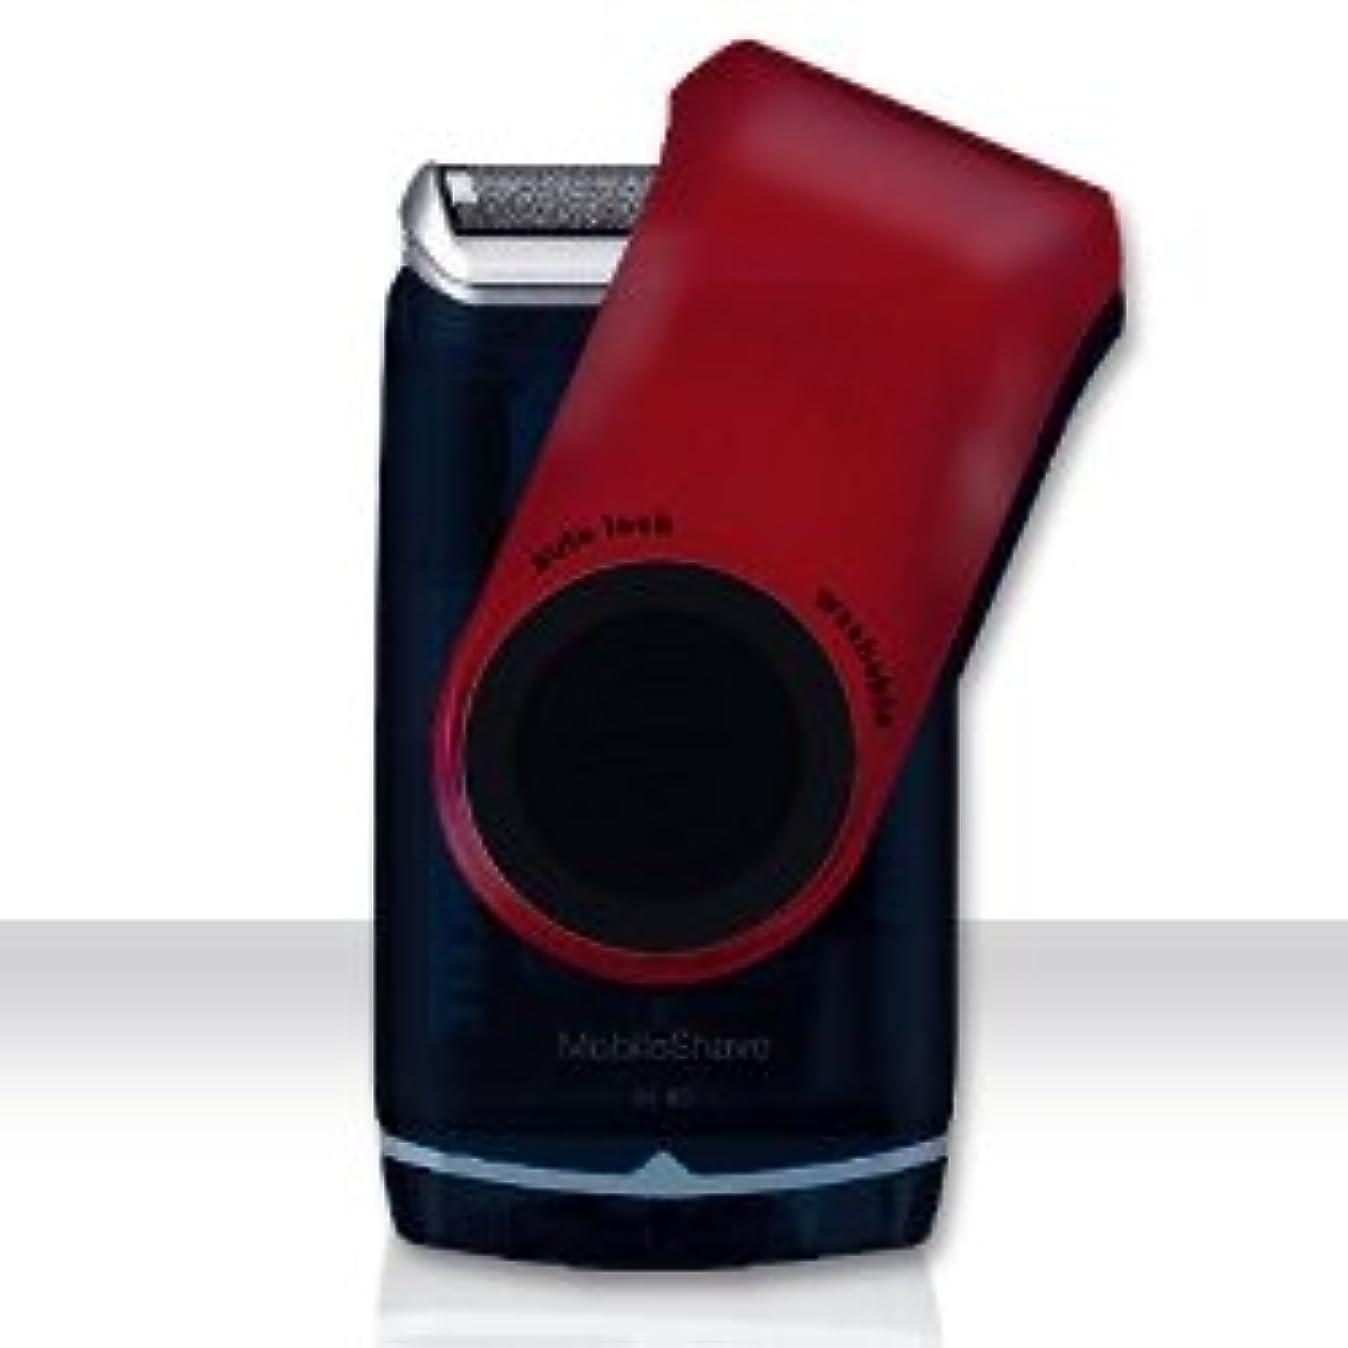 動かす混乱させる車両ブラウン モバイル ポケット シェーバー M60 赤 電池式 並行輸入品